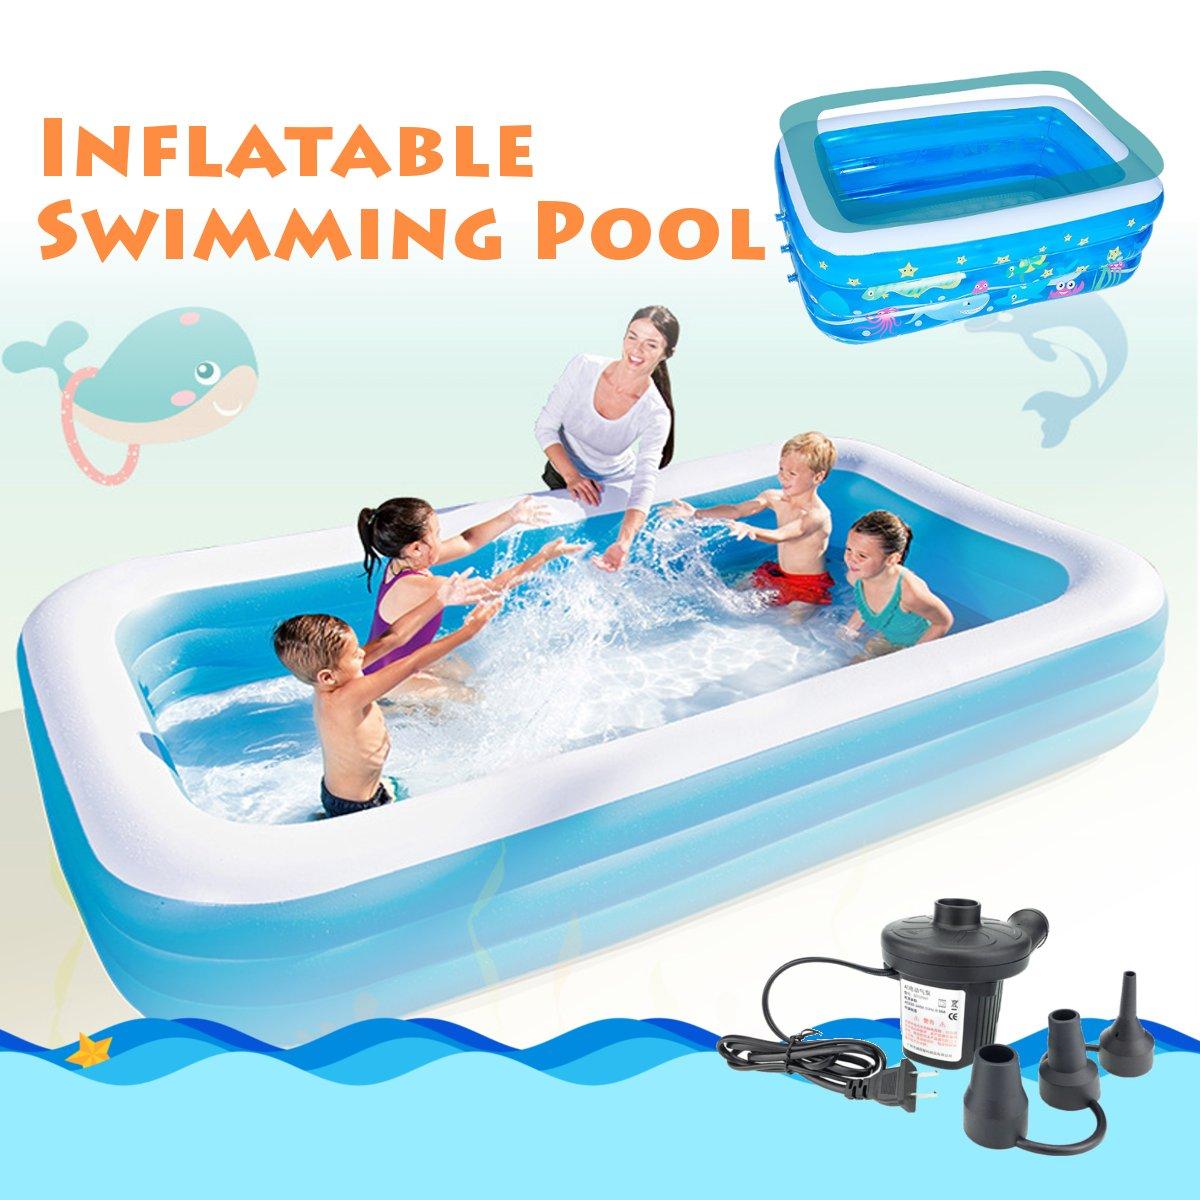 Piscine gonflable pour enfants et familles   Grande piscine rectangulaire gonflable amusante, grand Center de jeu d'eau